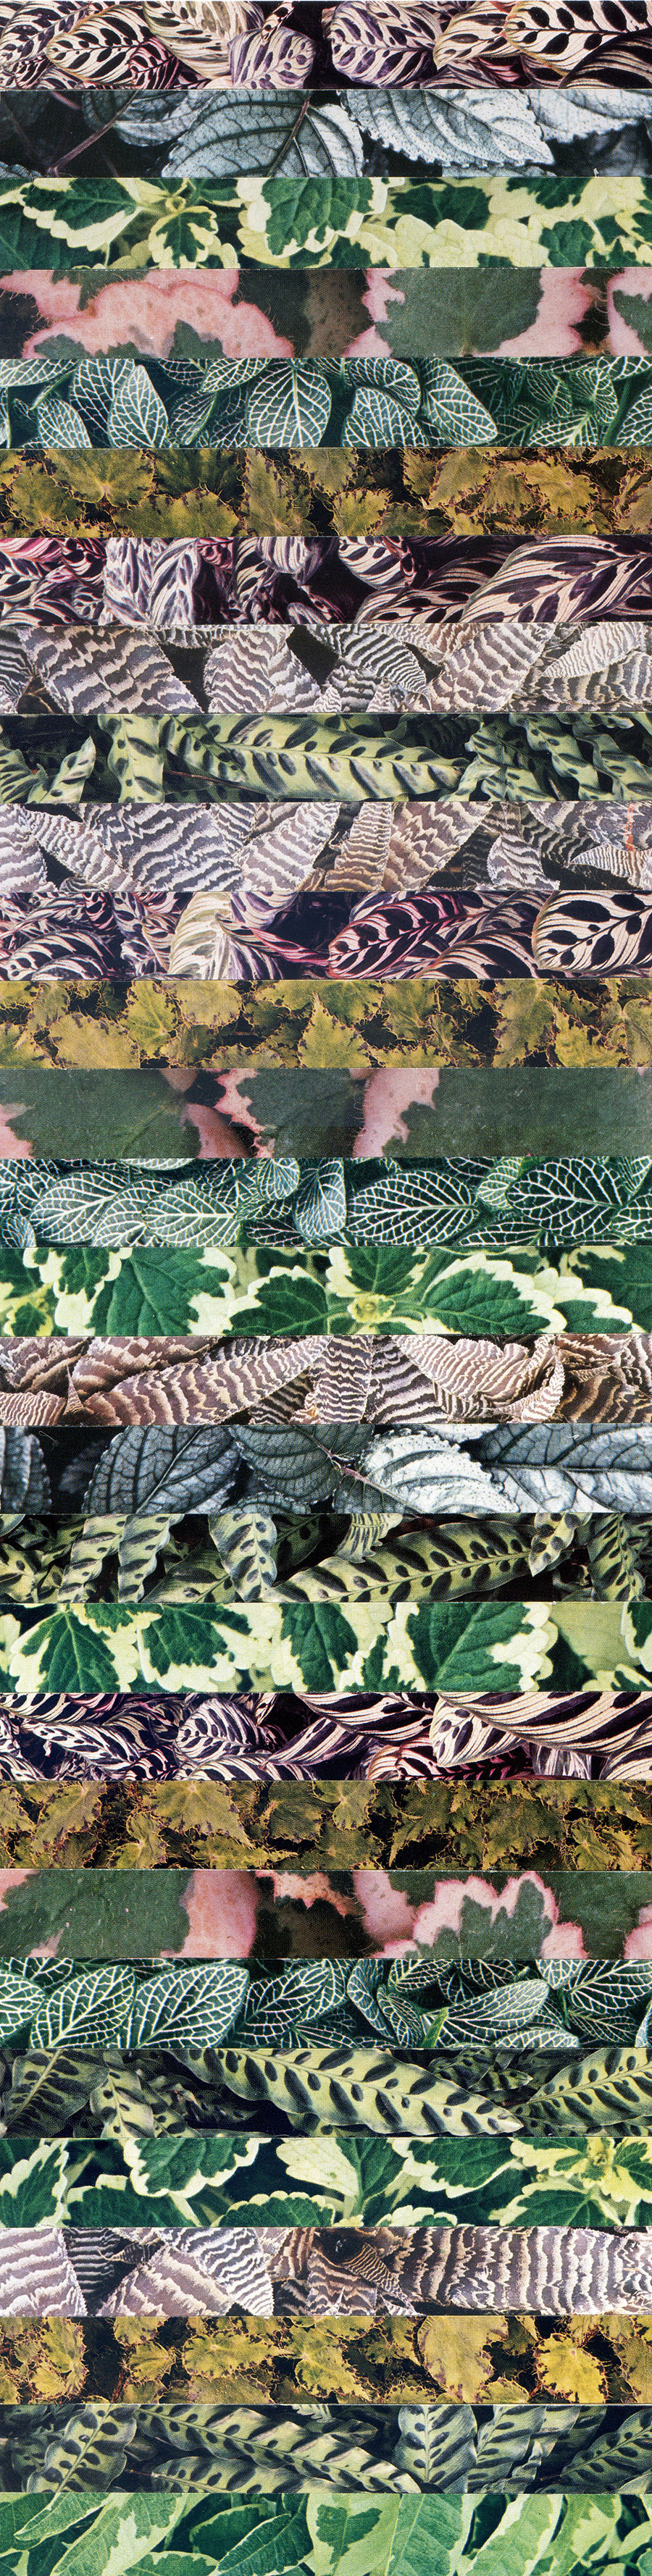 s1_luis_dourado_the_garden_fifthregression_yatzer